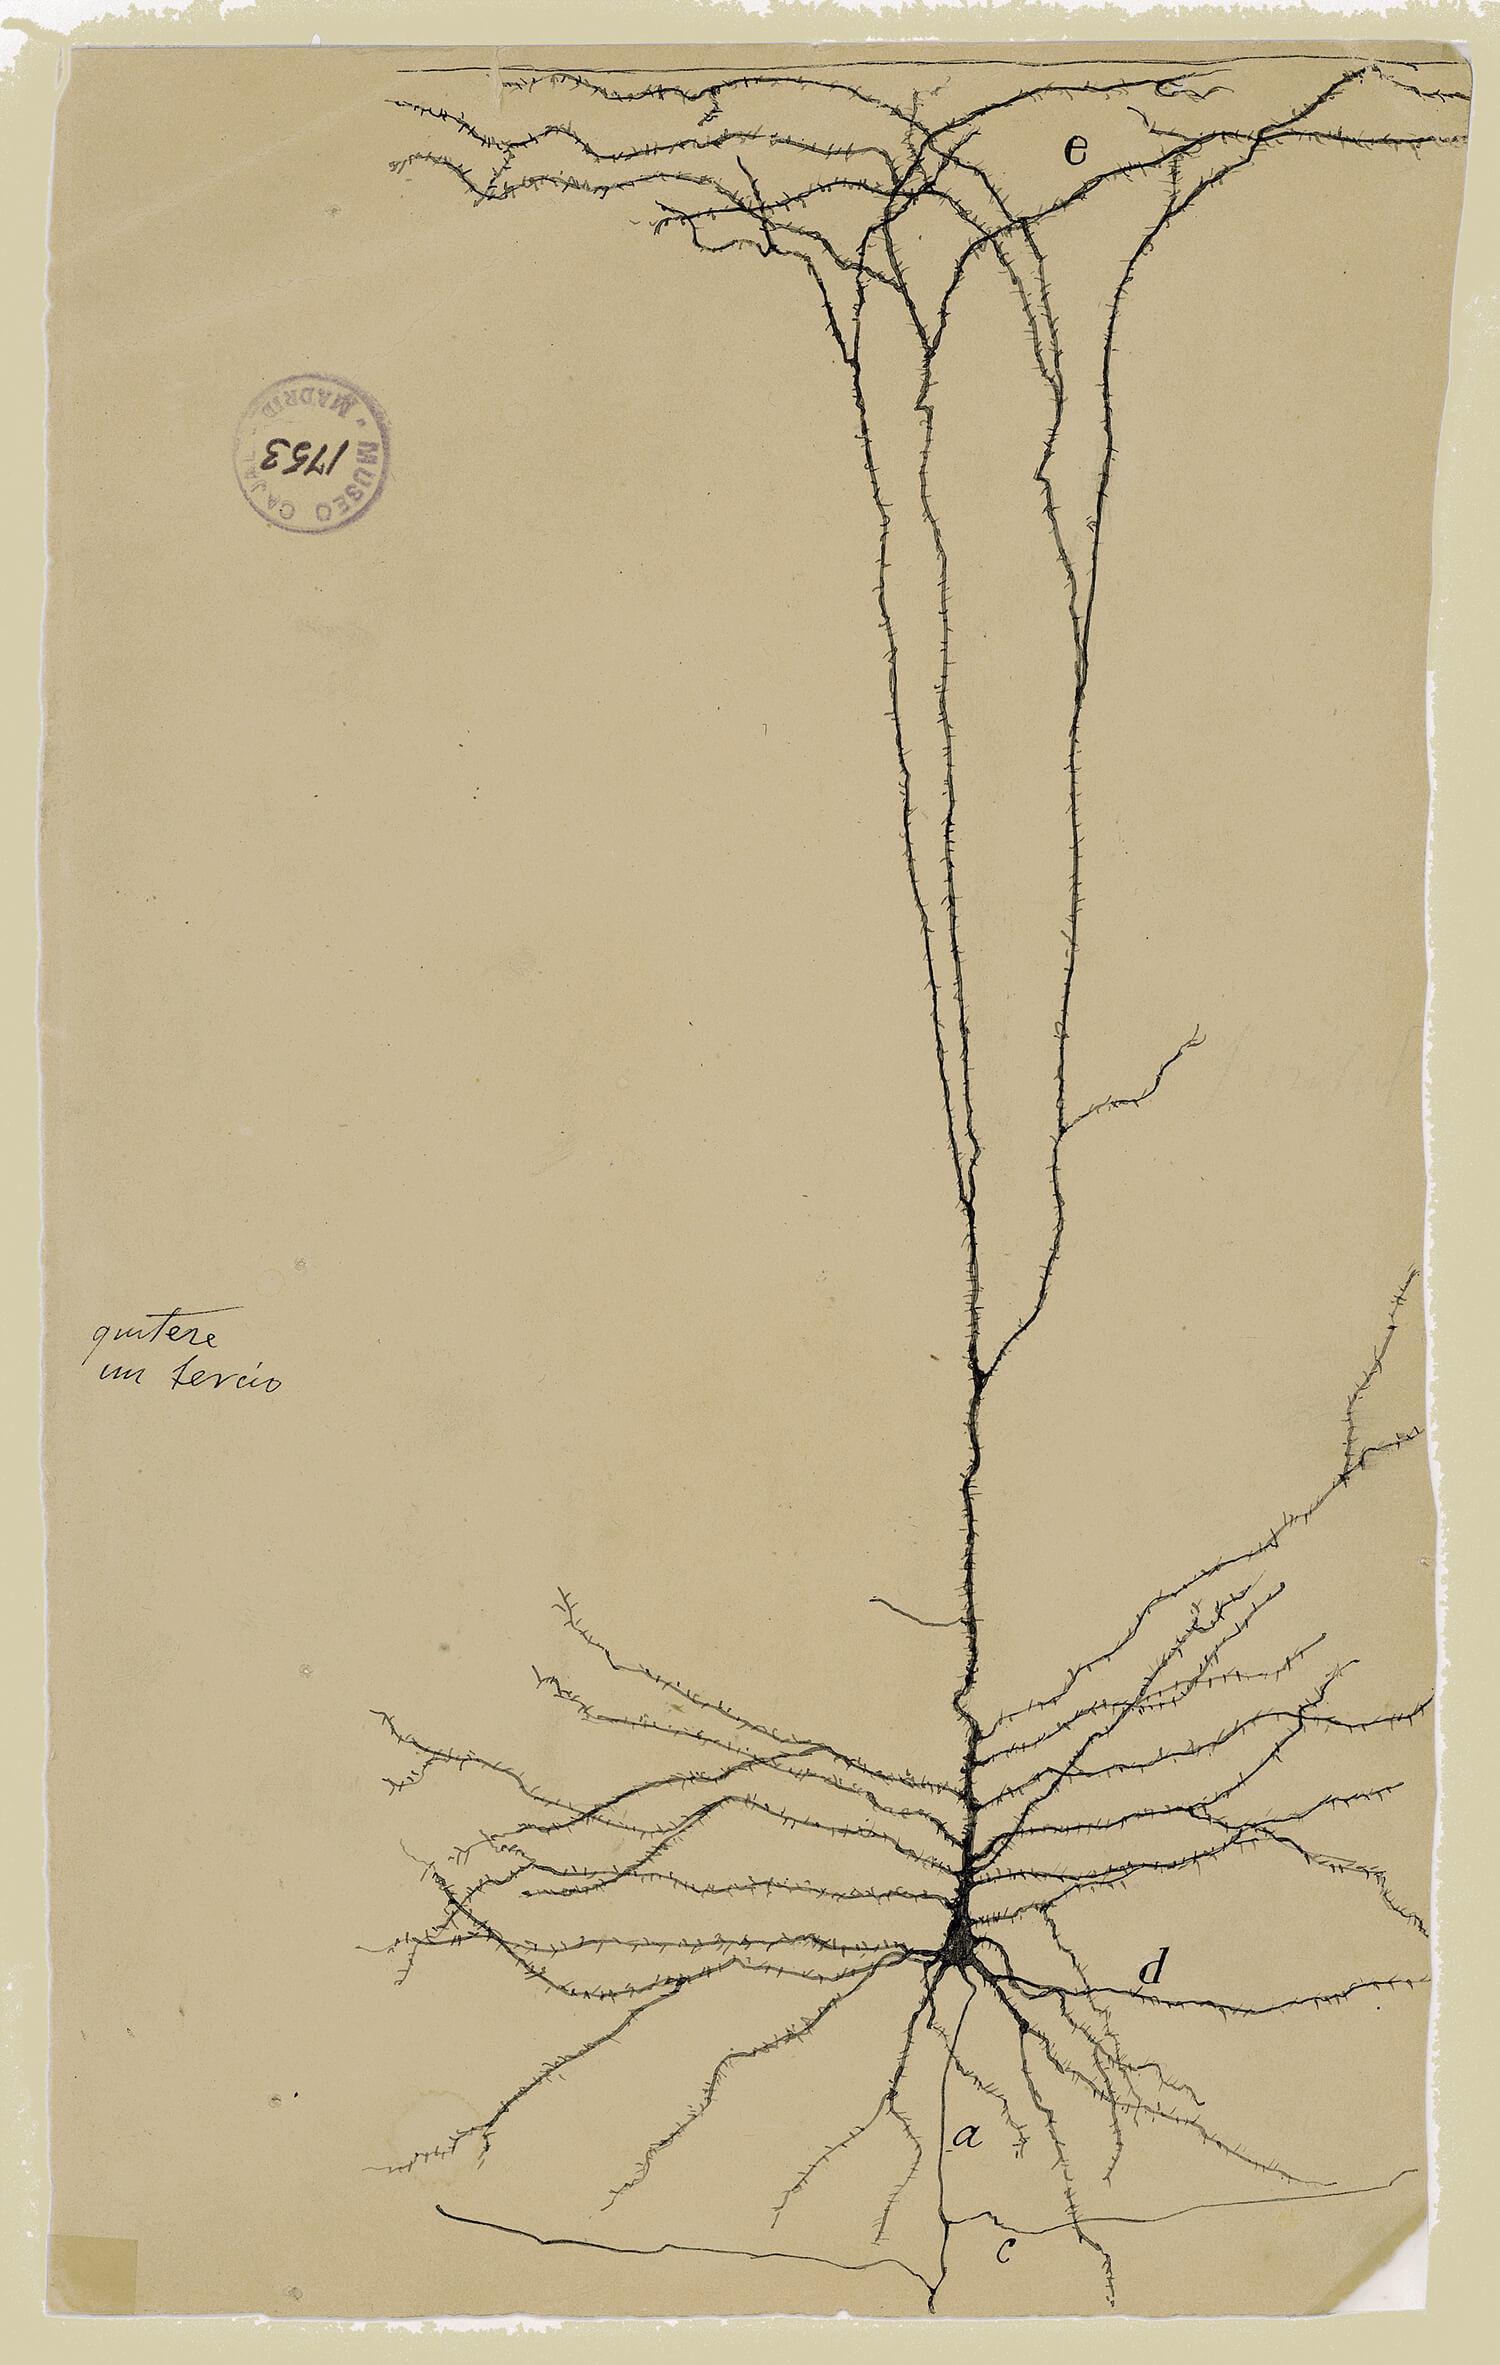 ilustraciones de ramon y cajal m1753